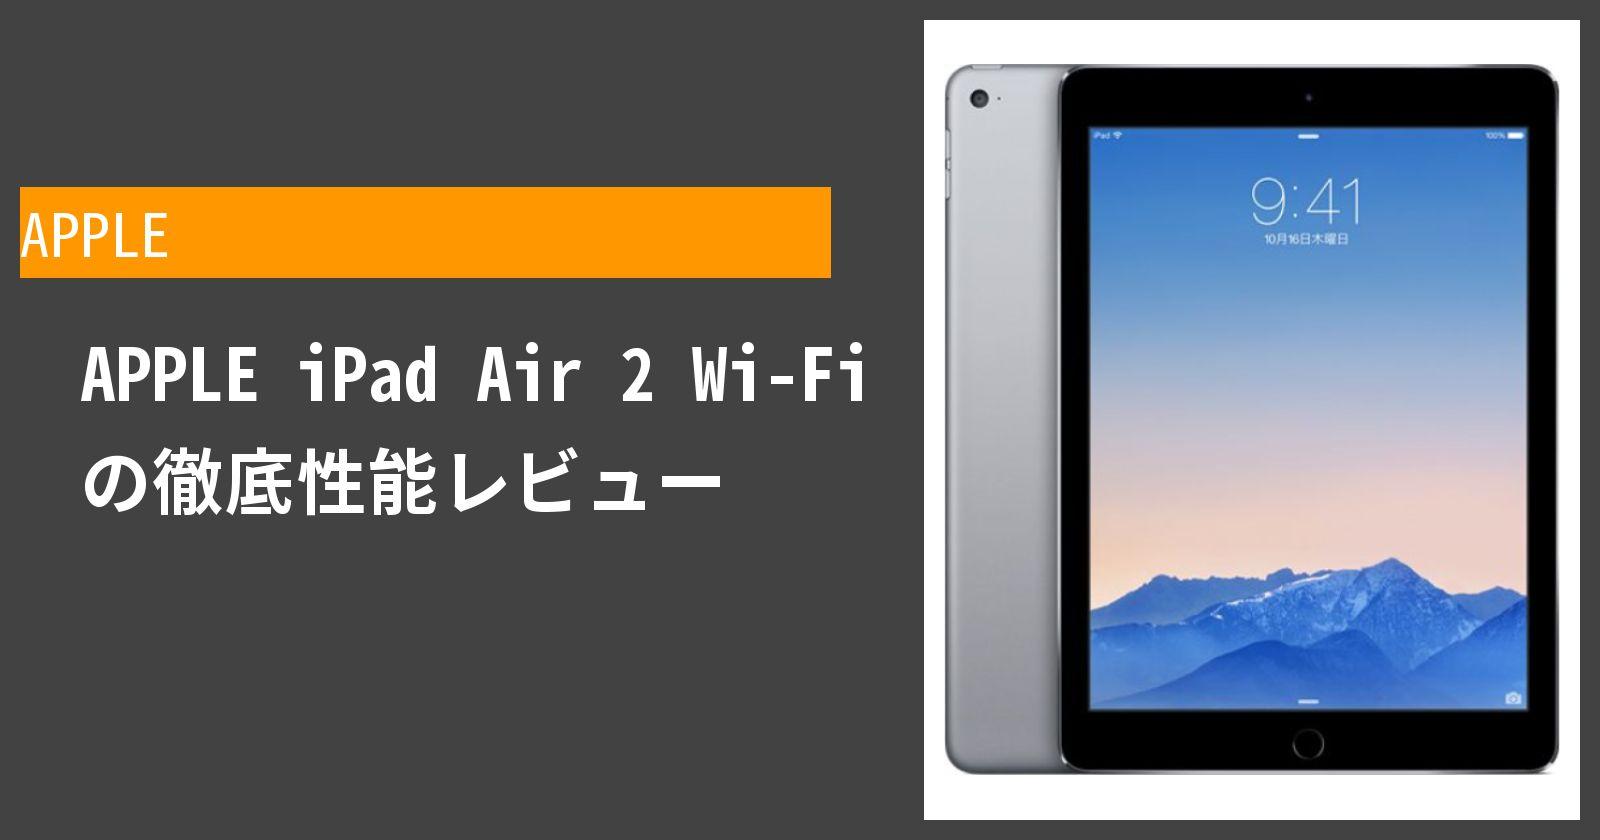 iPad Air 2 Wi-Fi の徹底性能レビュー